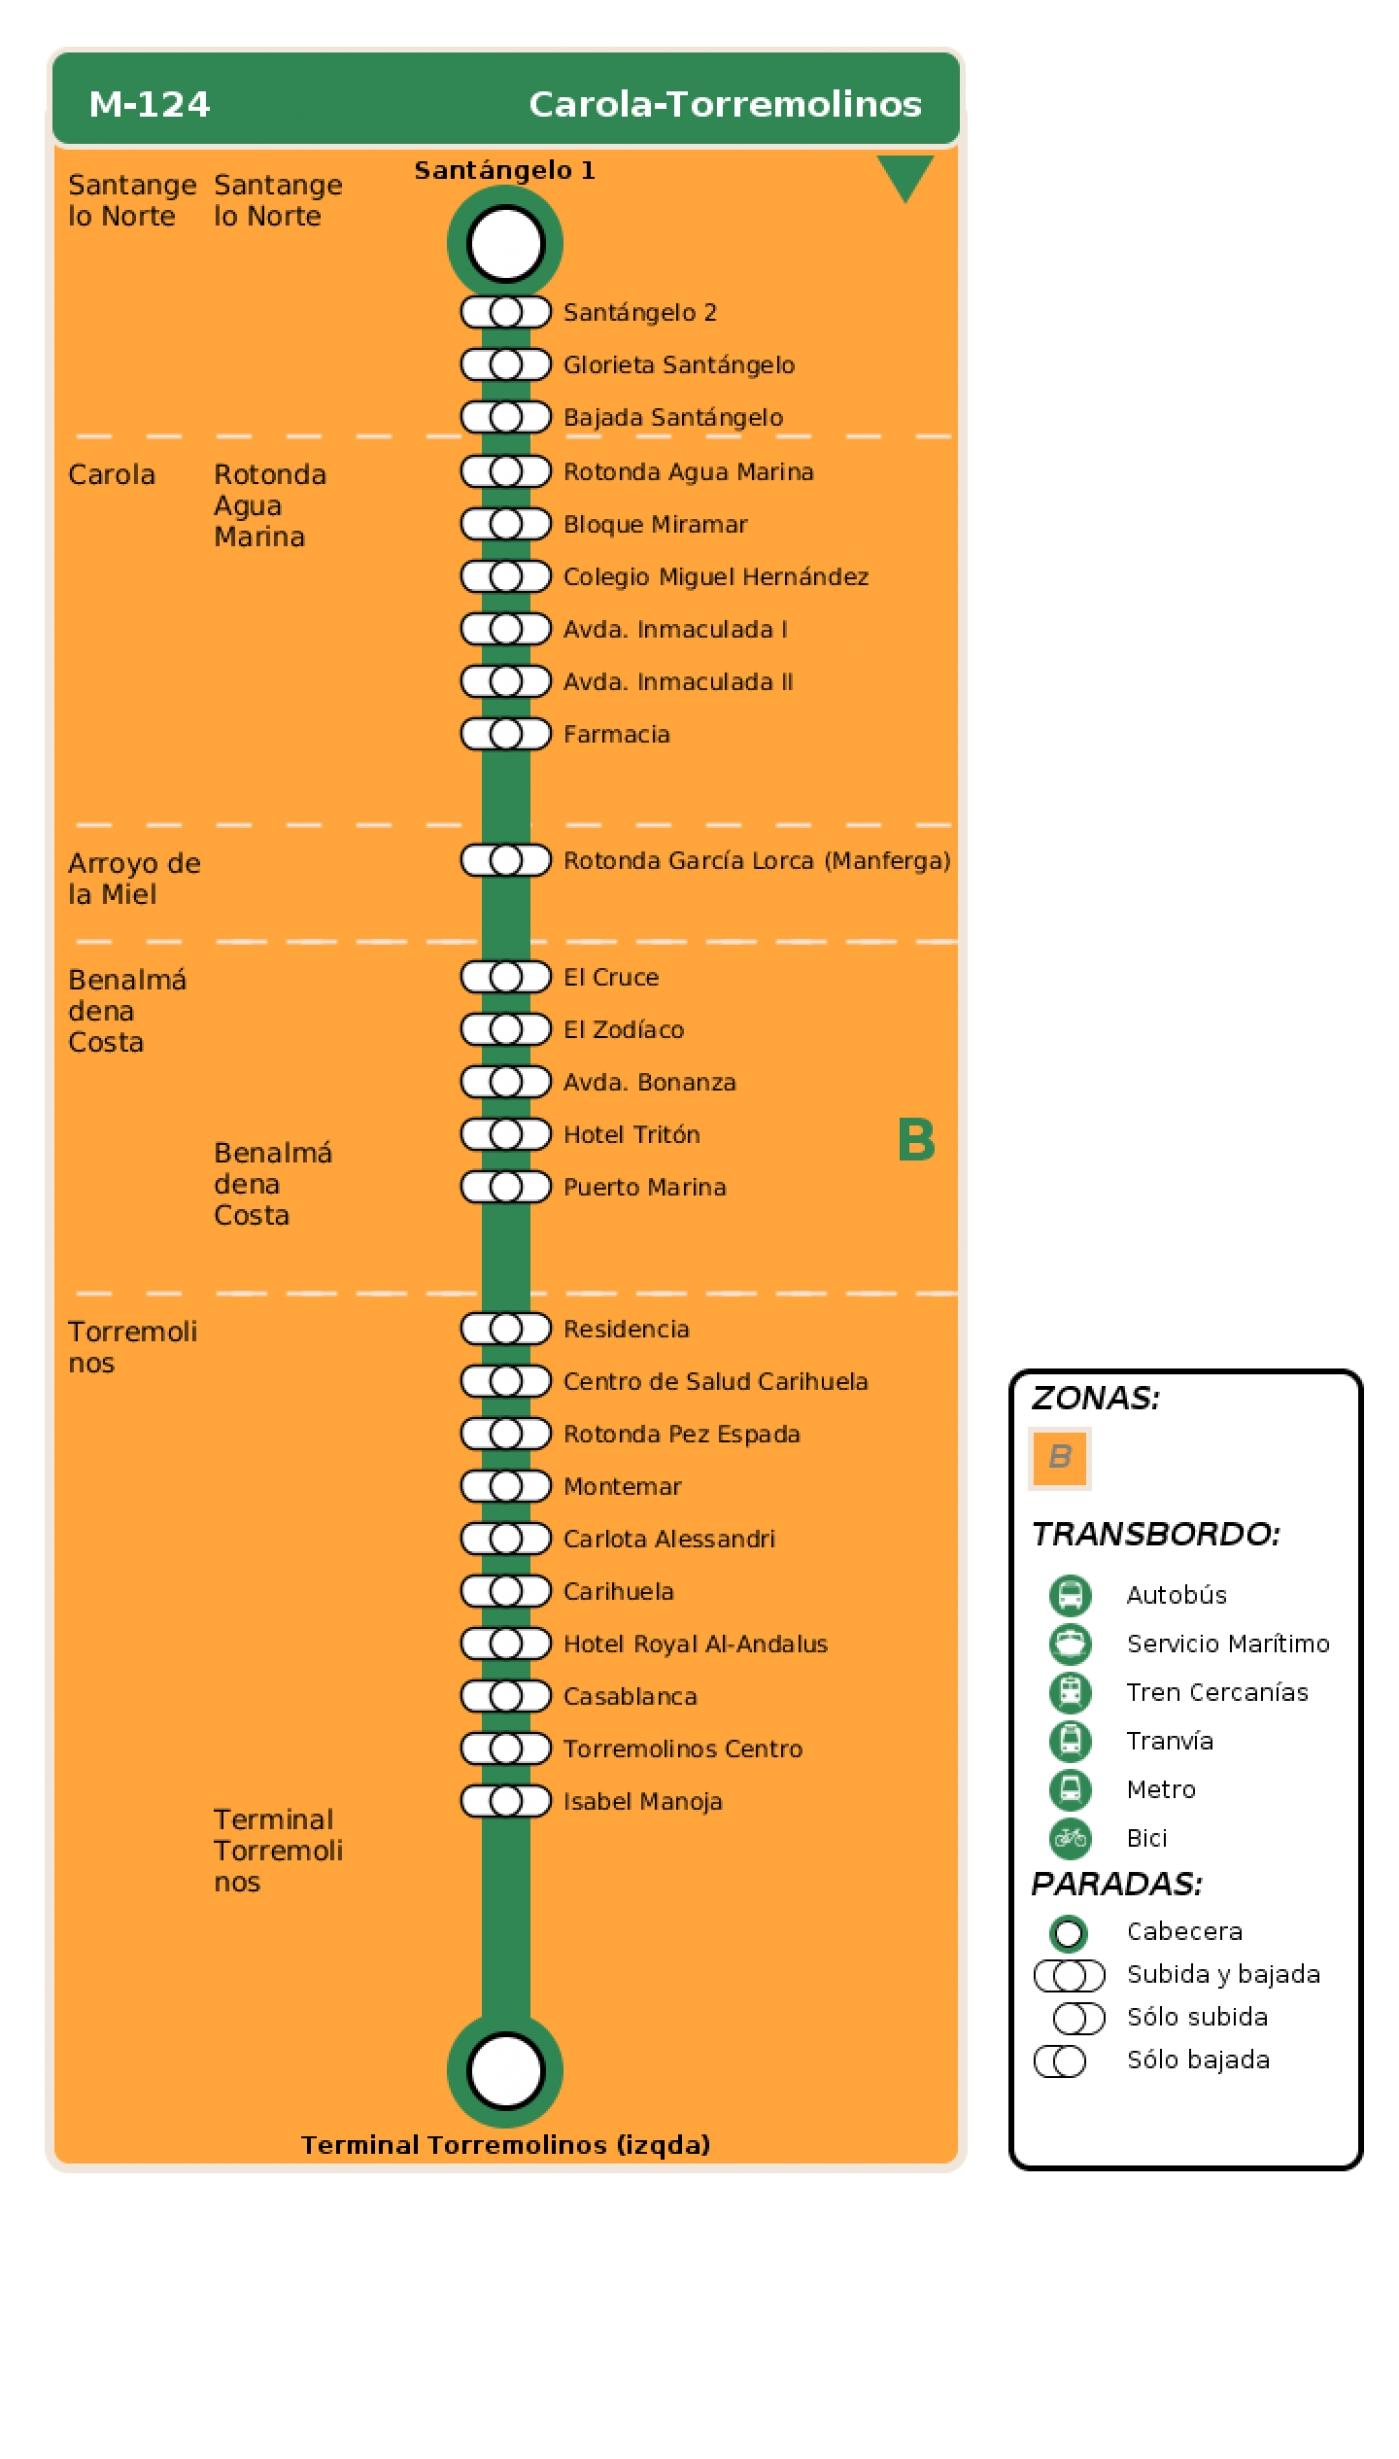 Recorrido esquemático, paradas y correspondencias en sentido ida Línea M-124: Carola - Torremolinos